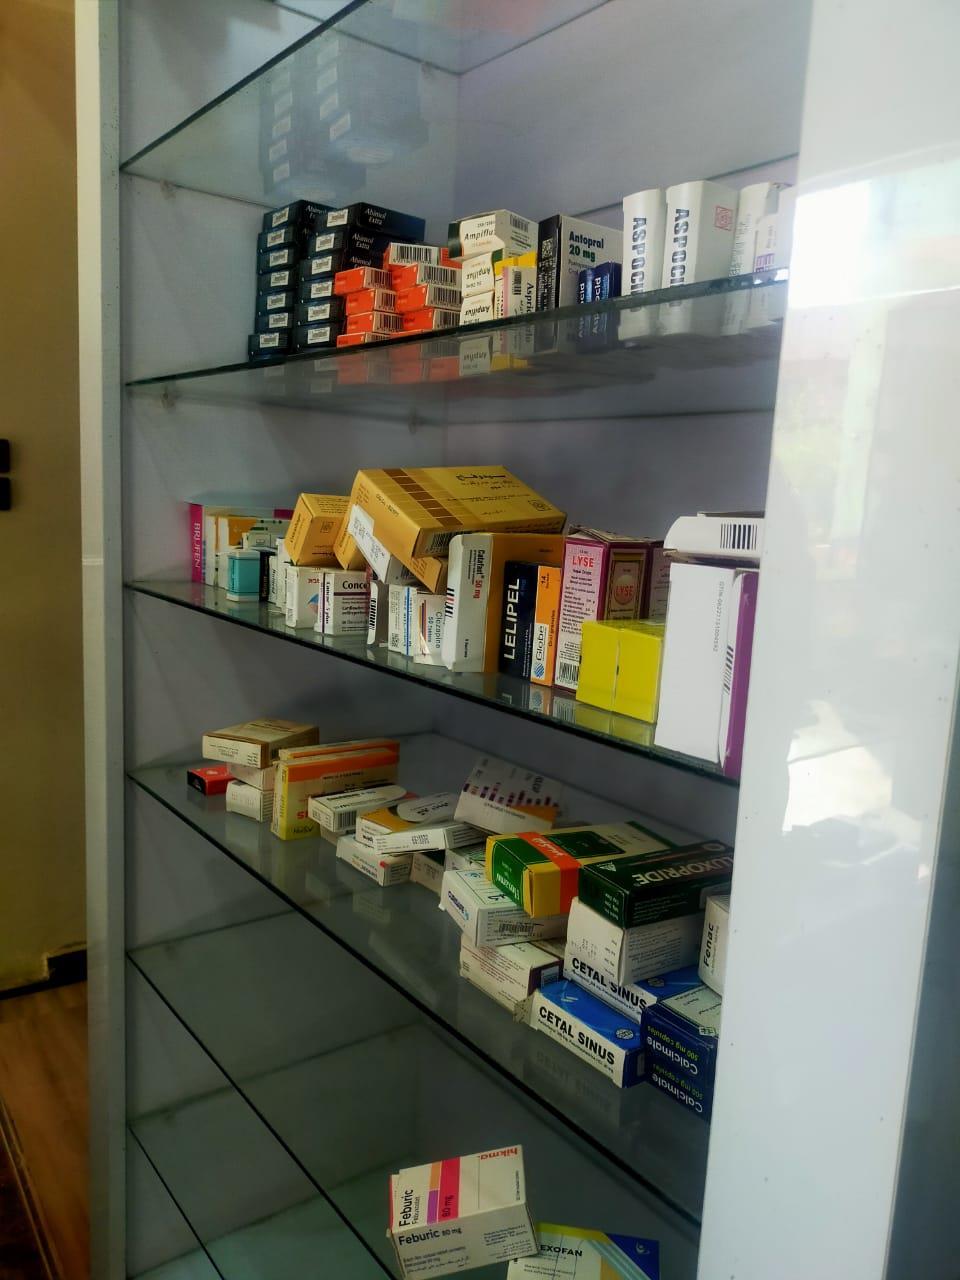 ضبط 6020 عبوة أدوية  بمكان غير مرخص بإحدى قرى الدقهلية